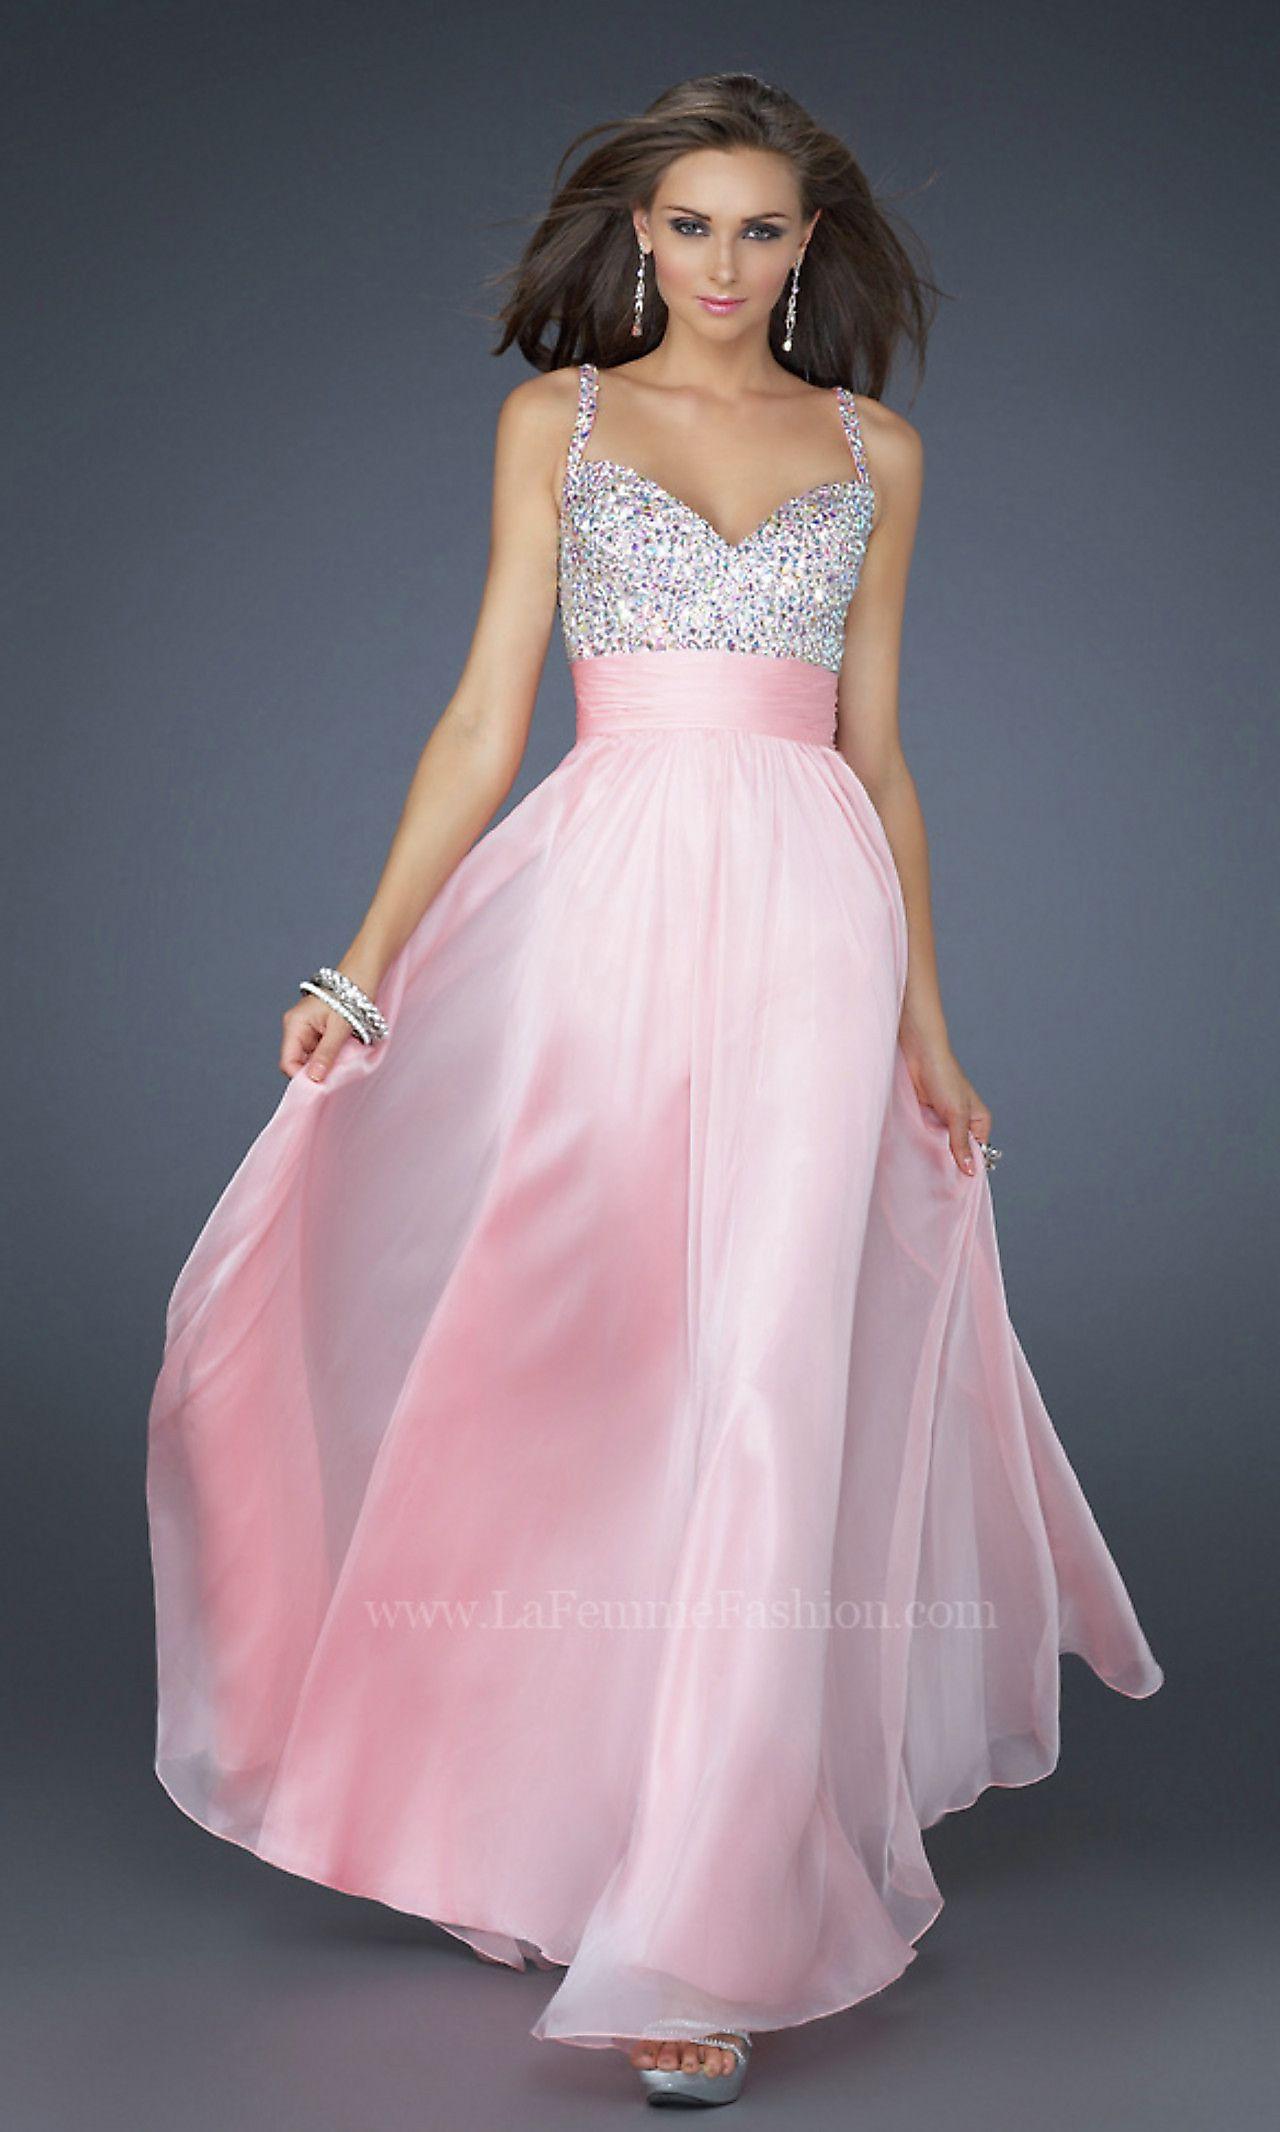 LF-16802 - La Femme Beaded Long Formal Dress | Lindo, Vestiditos y ...